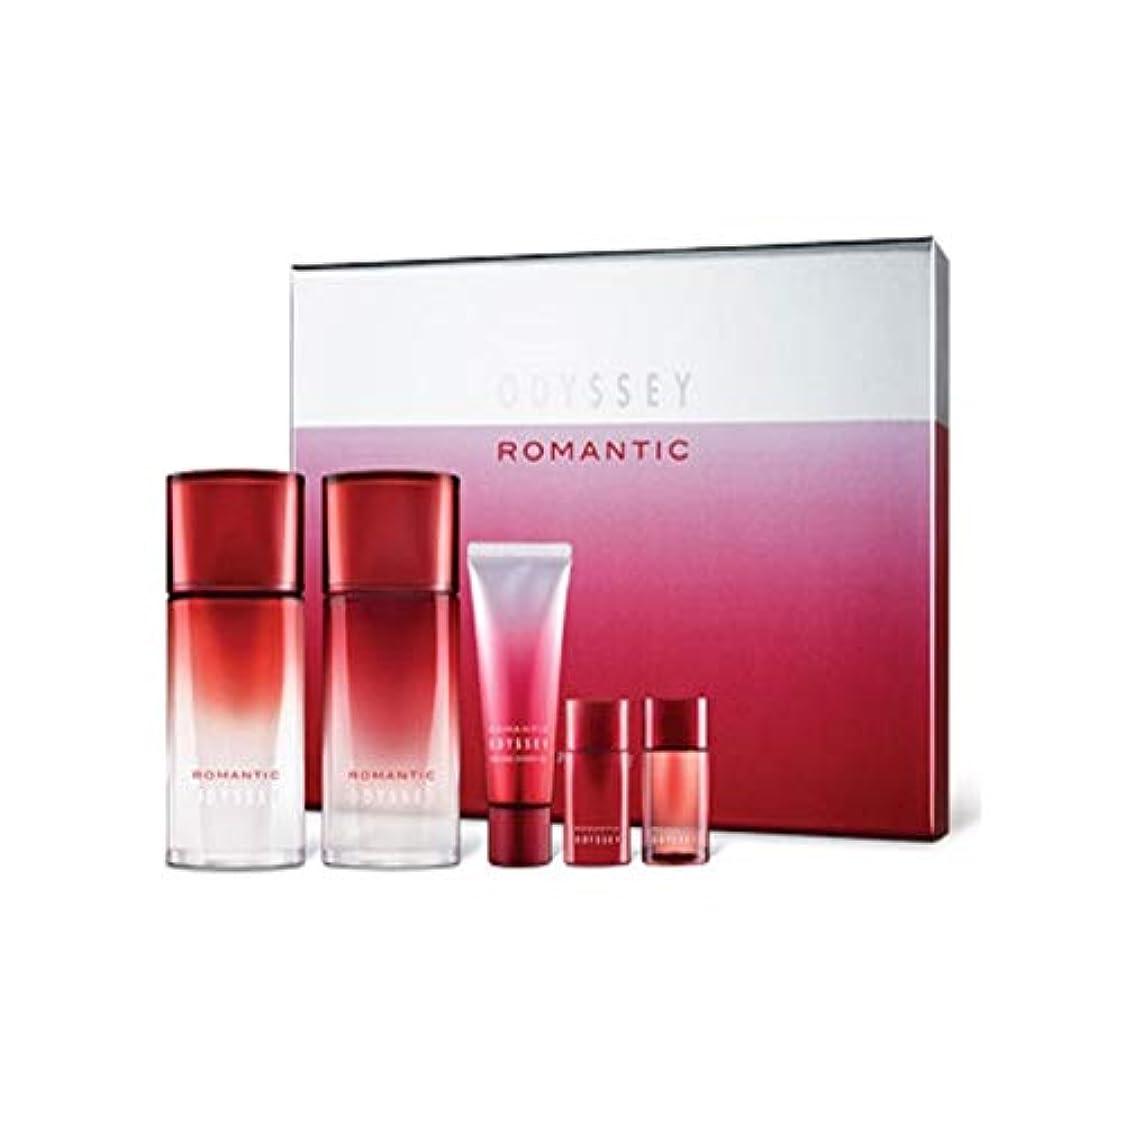 性別痴漢スカートオデッセイロマンチックスキンリファイナーローションセットメンズコスメ韓国コスメ、Odyssey Romantic Skin Refiner Lotion Set Men's Cosmetics Korean Cosmetics...